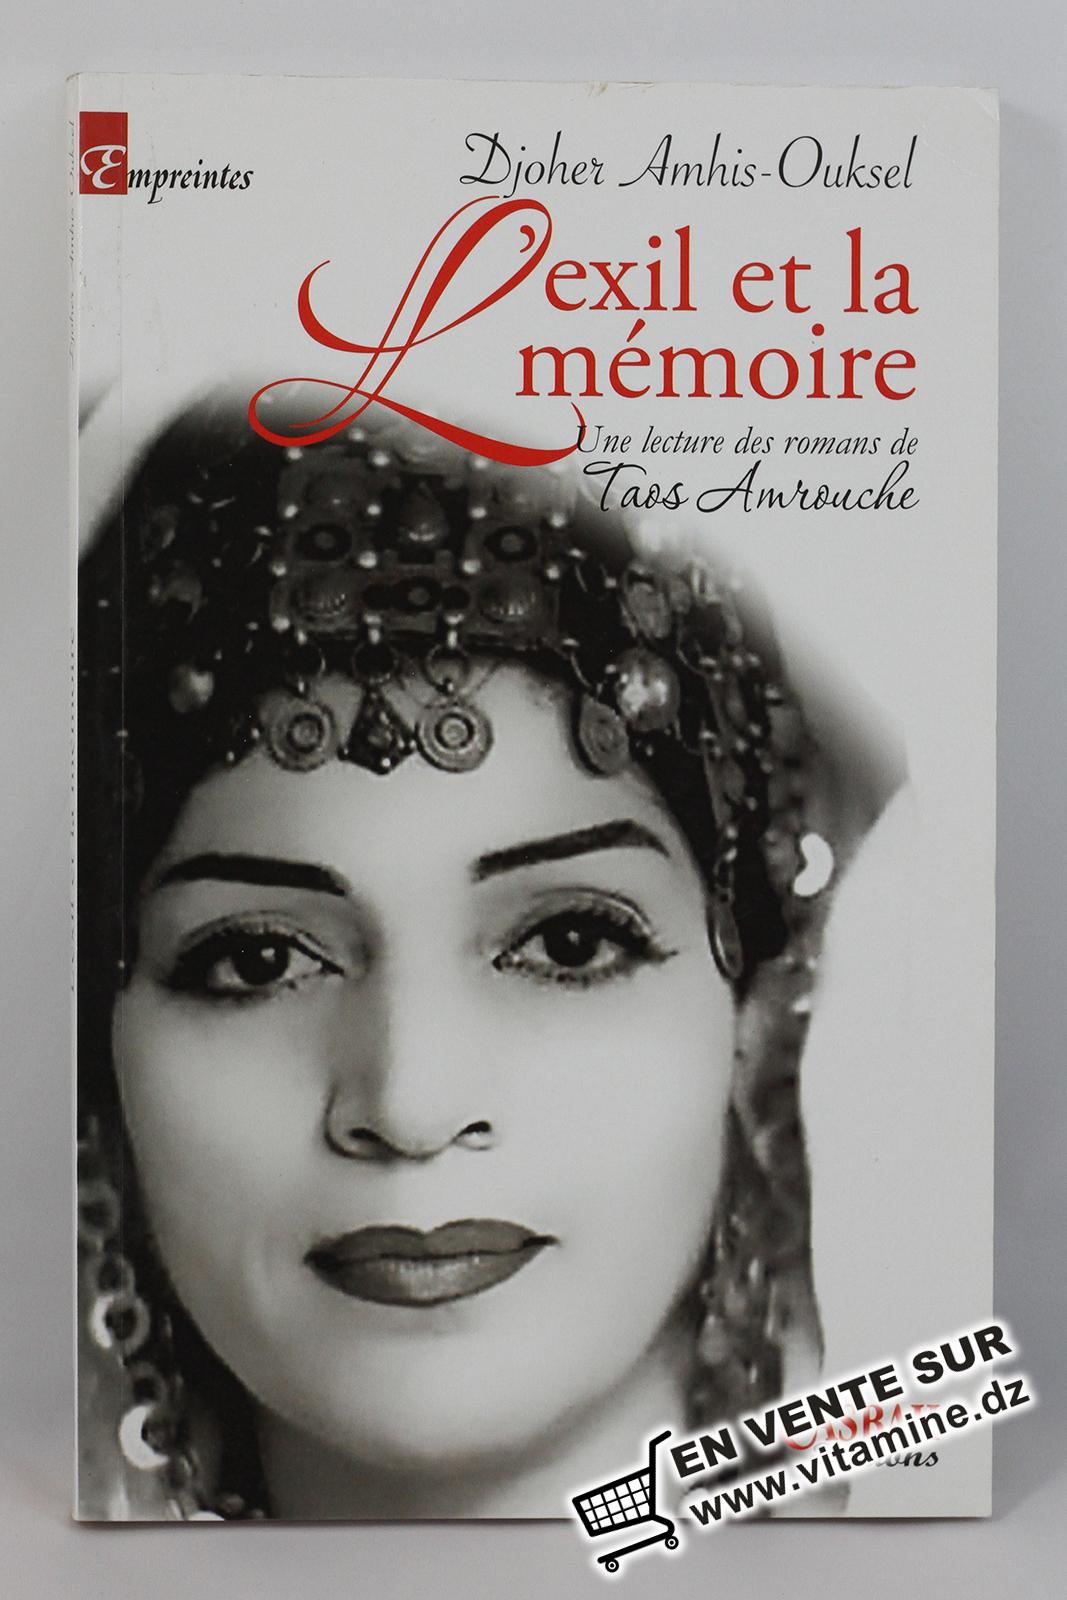 Djoher Amhis-Ouksel - L'exil et la mémoire, une lecture des romans de Taos Amrouche